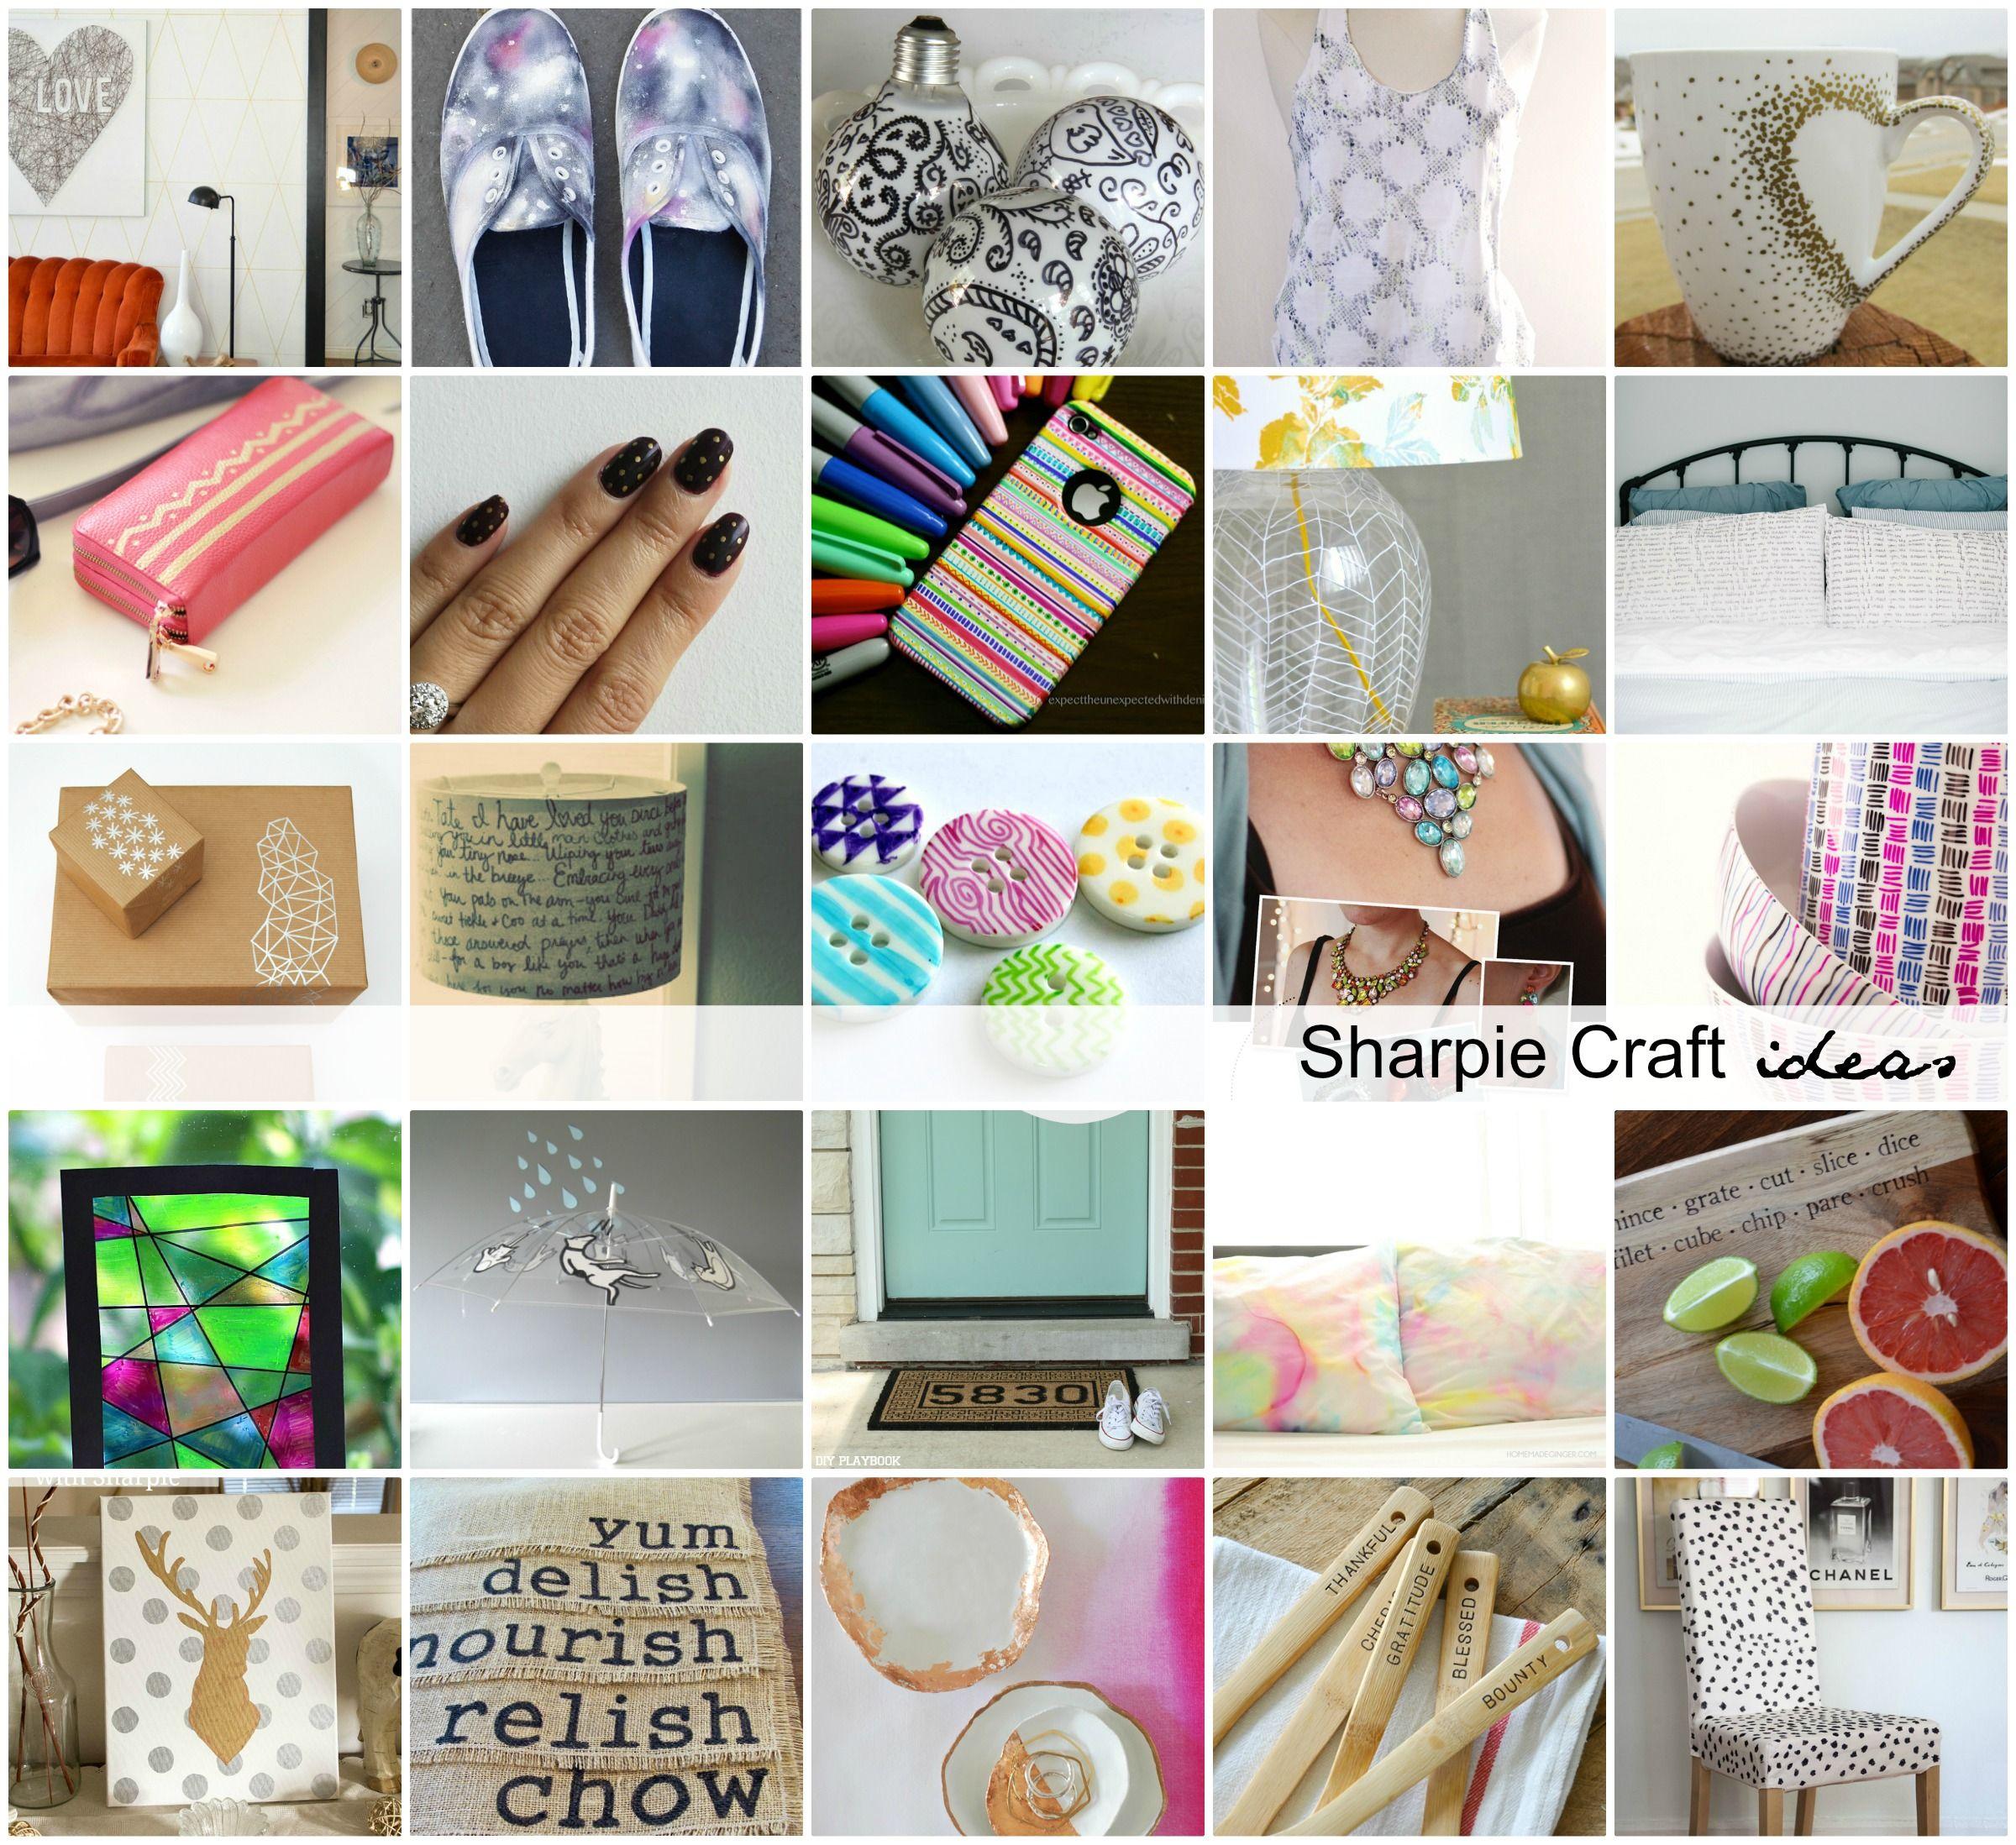 DIY-Sharpie-Craft-Ideas-1.jpg 2.400×2.197 pixels